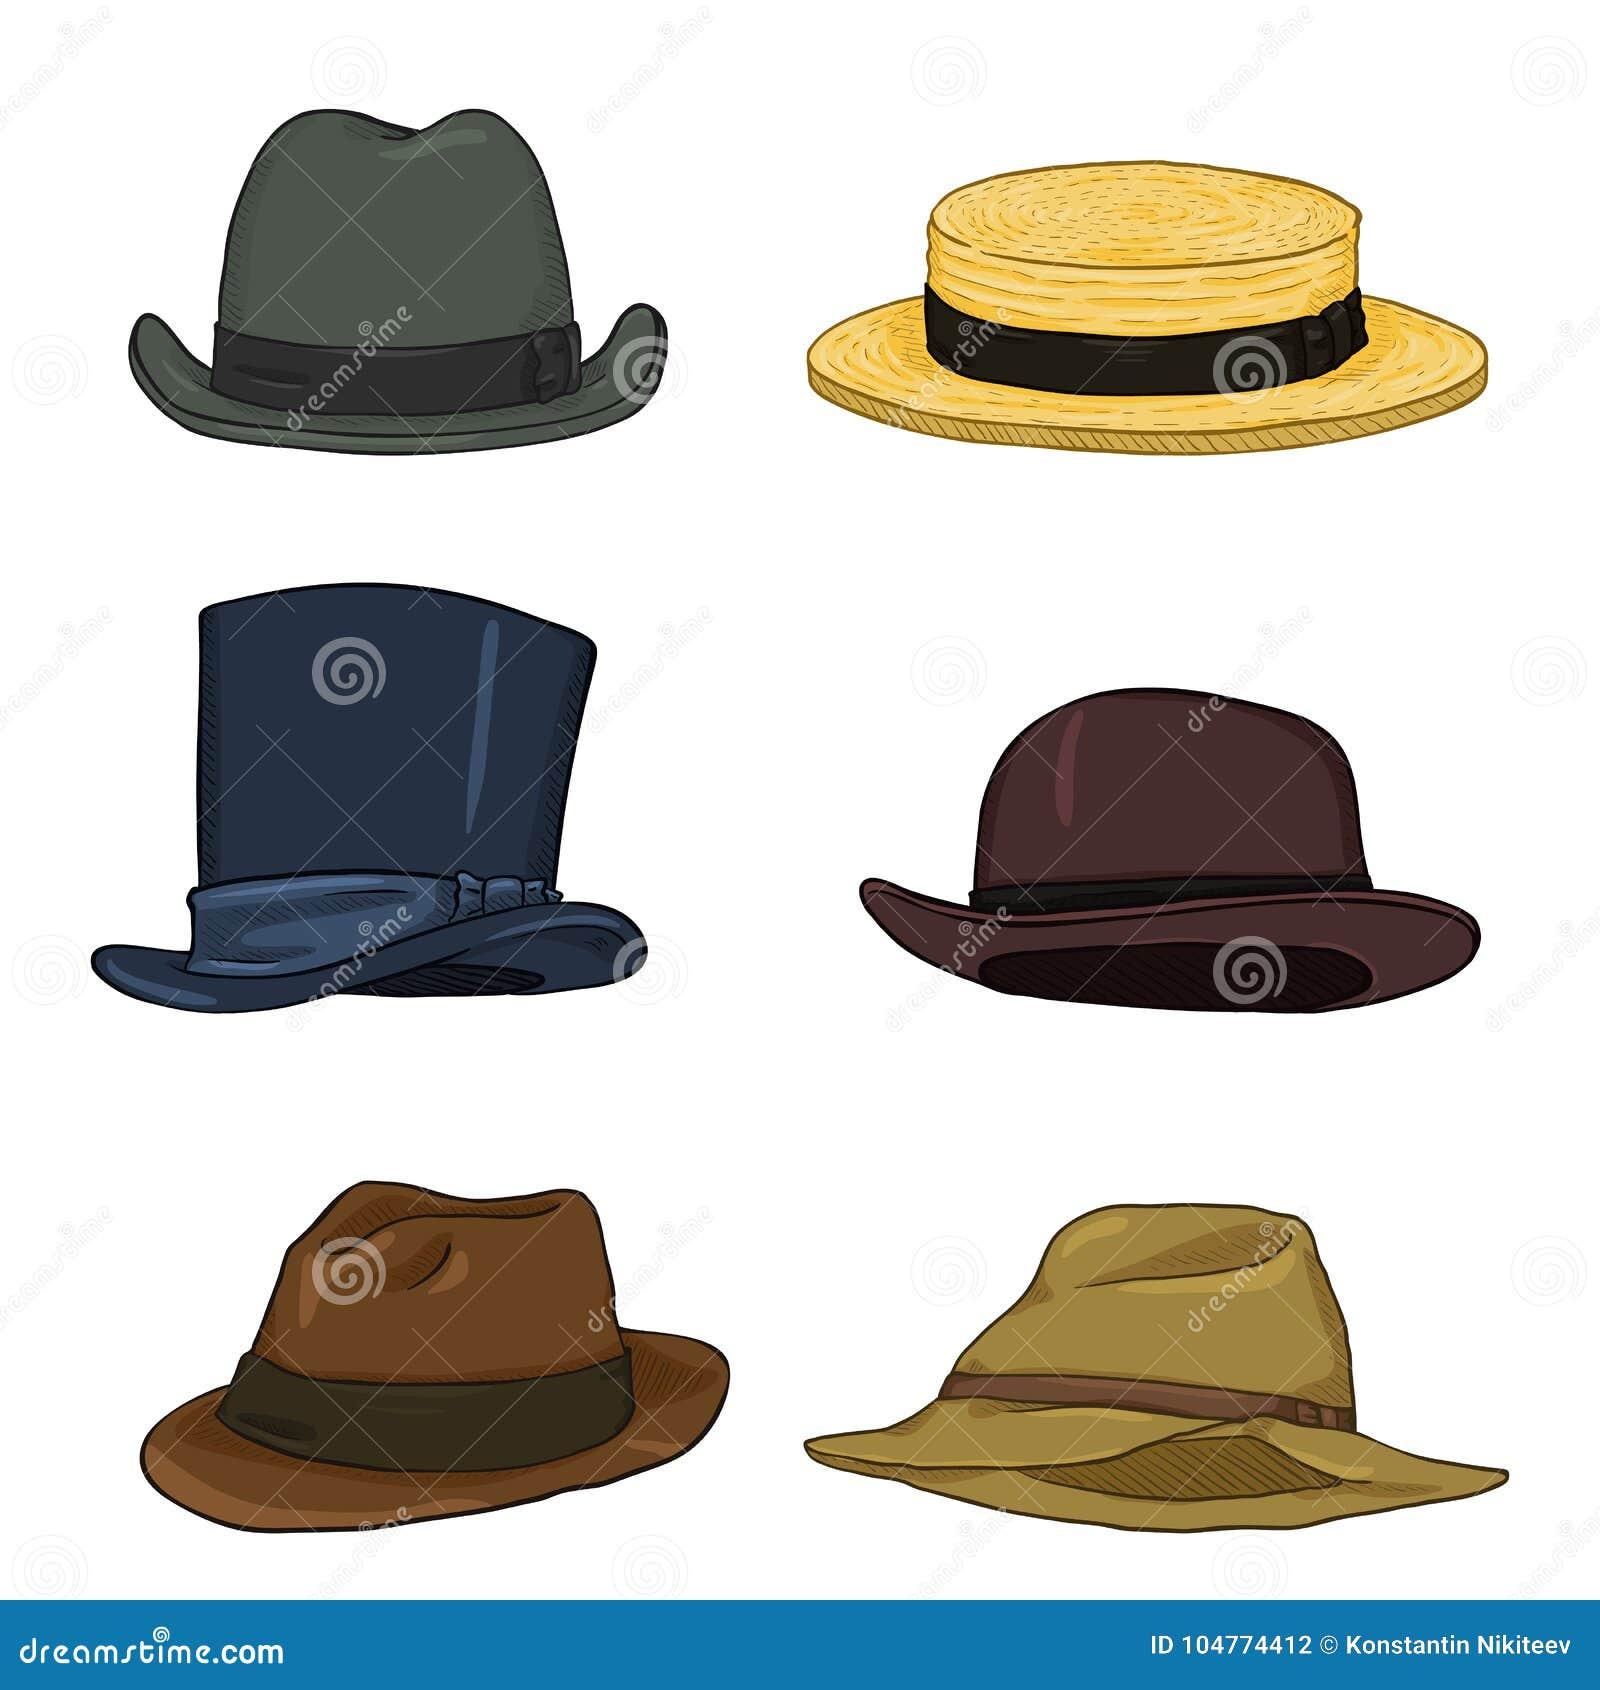 2a8c777f98df3 Vector Set Of Cartoon Classical Types Hats. Homburg